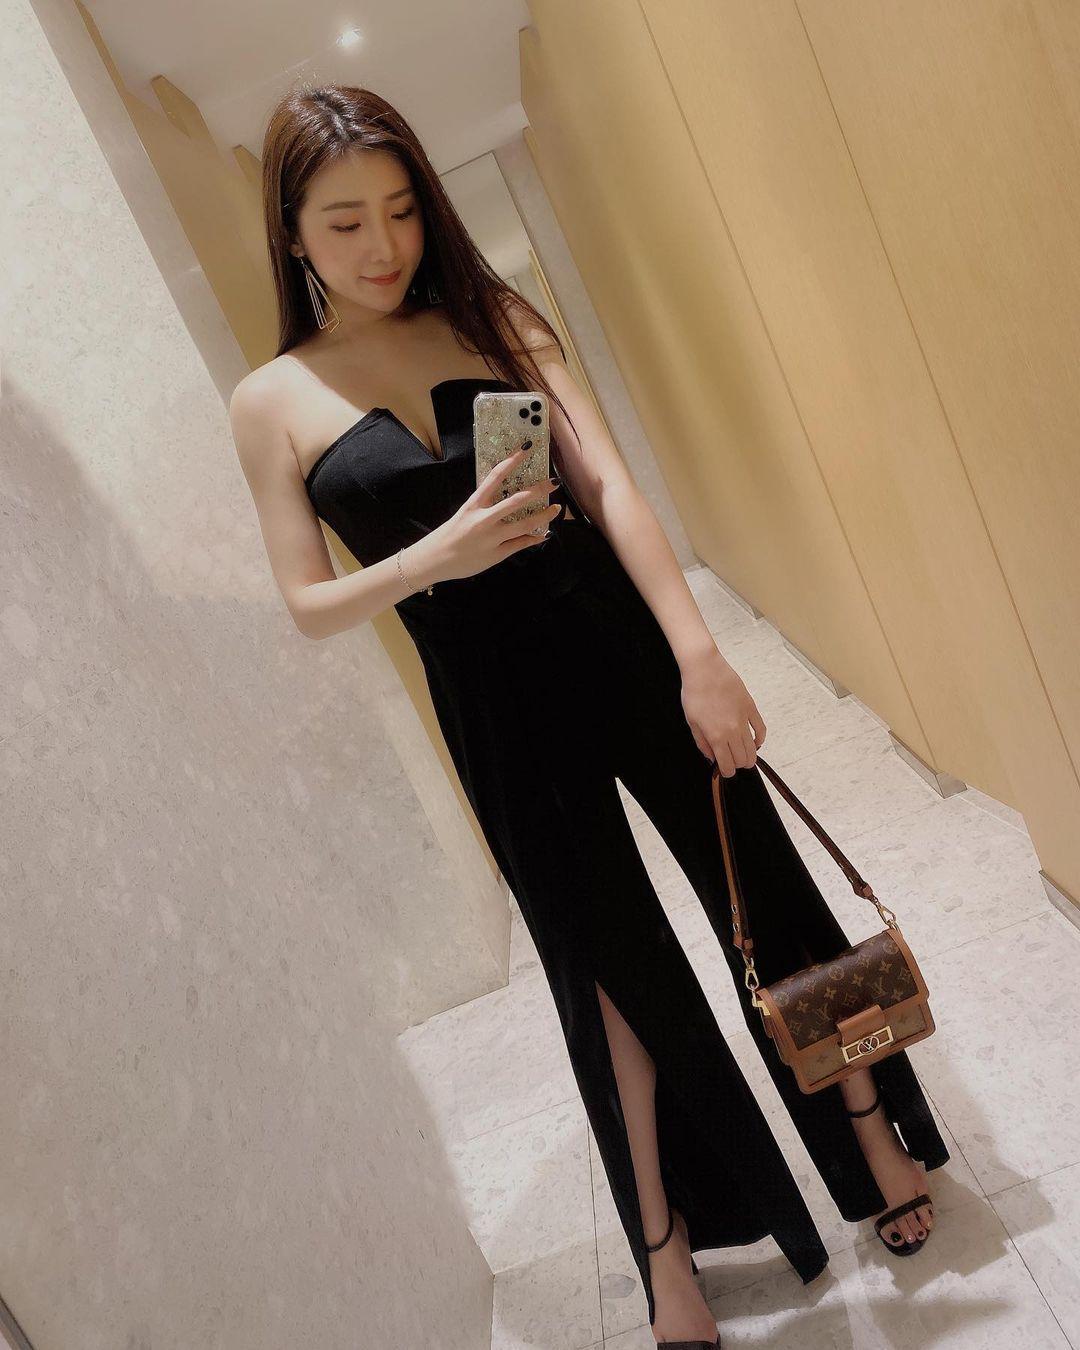 吃货美女许薇安Vivi Hsu丰满上围比拿铁还重 养眼图片 第5张